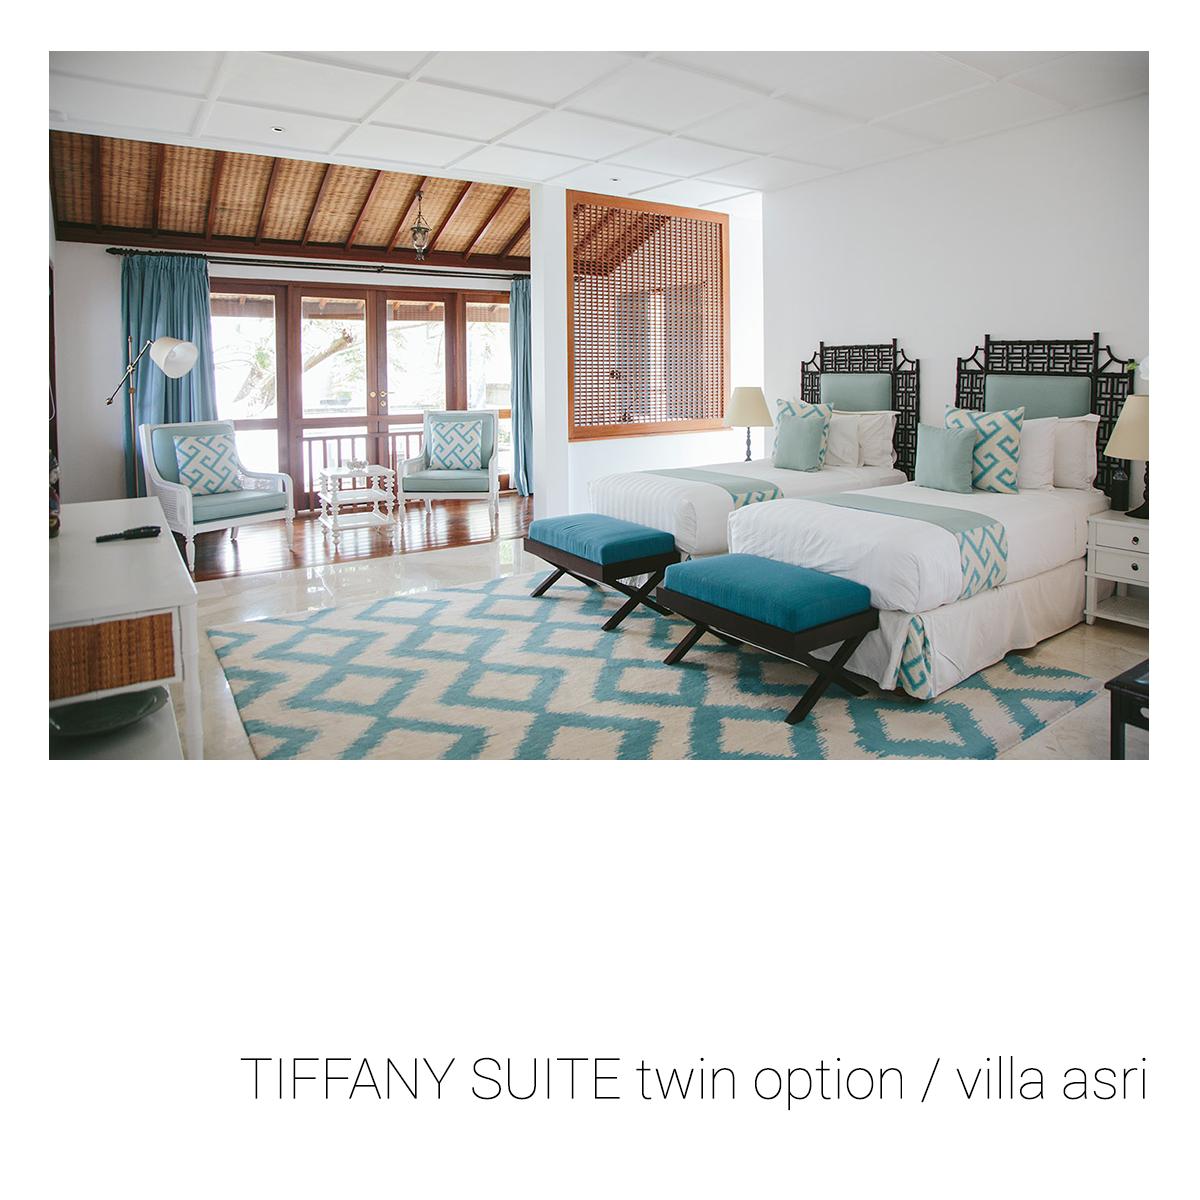 Tiffany Suite VILLA ASRI